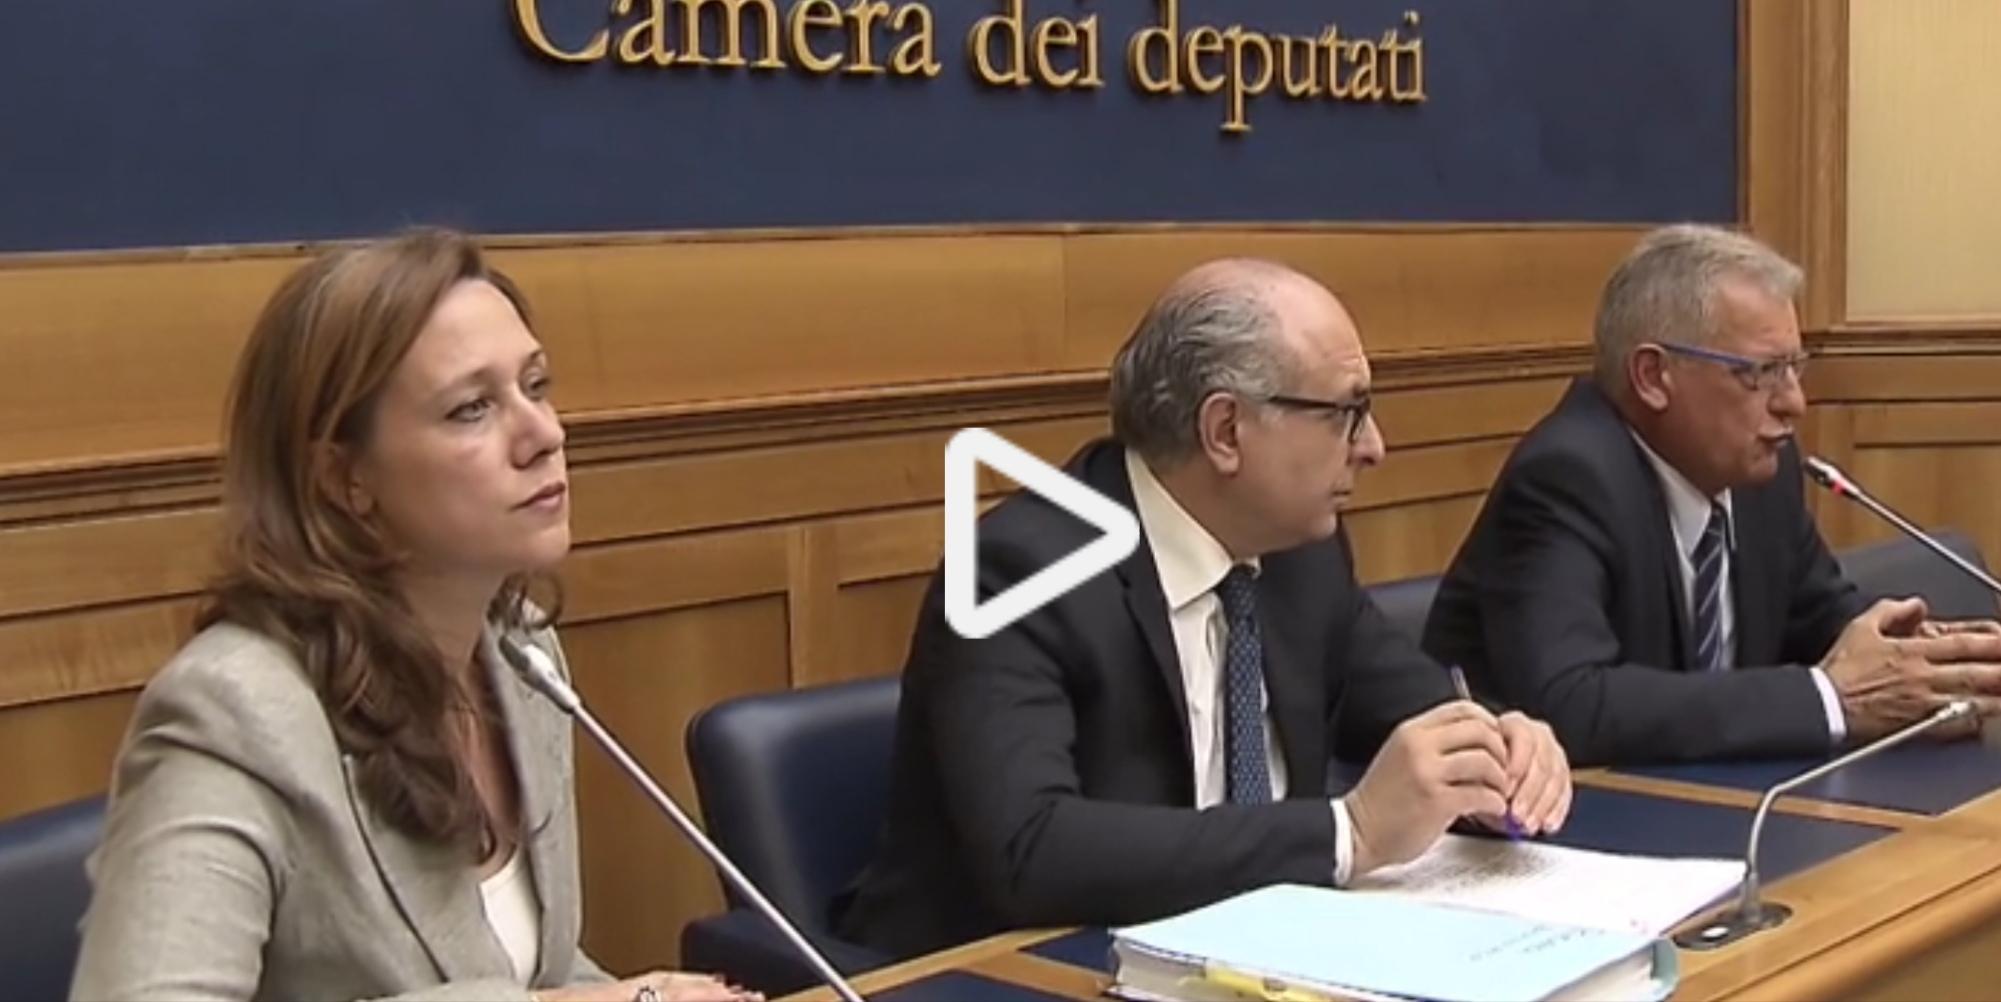 ENASARCO, la proposta di legge n. 2855 dell'on. Durigon non risolve le ingiustizie degli iscritti